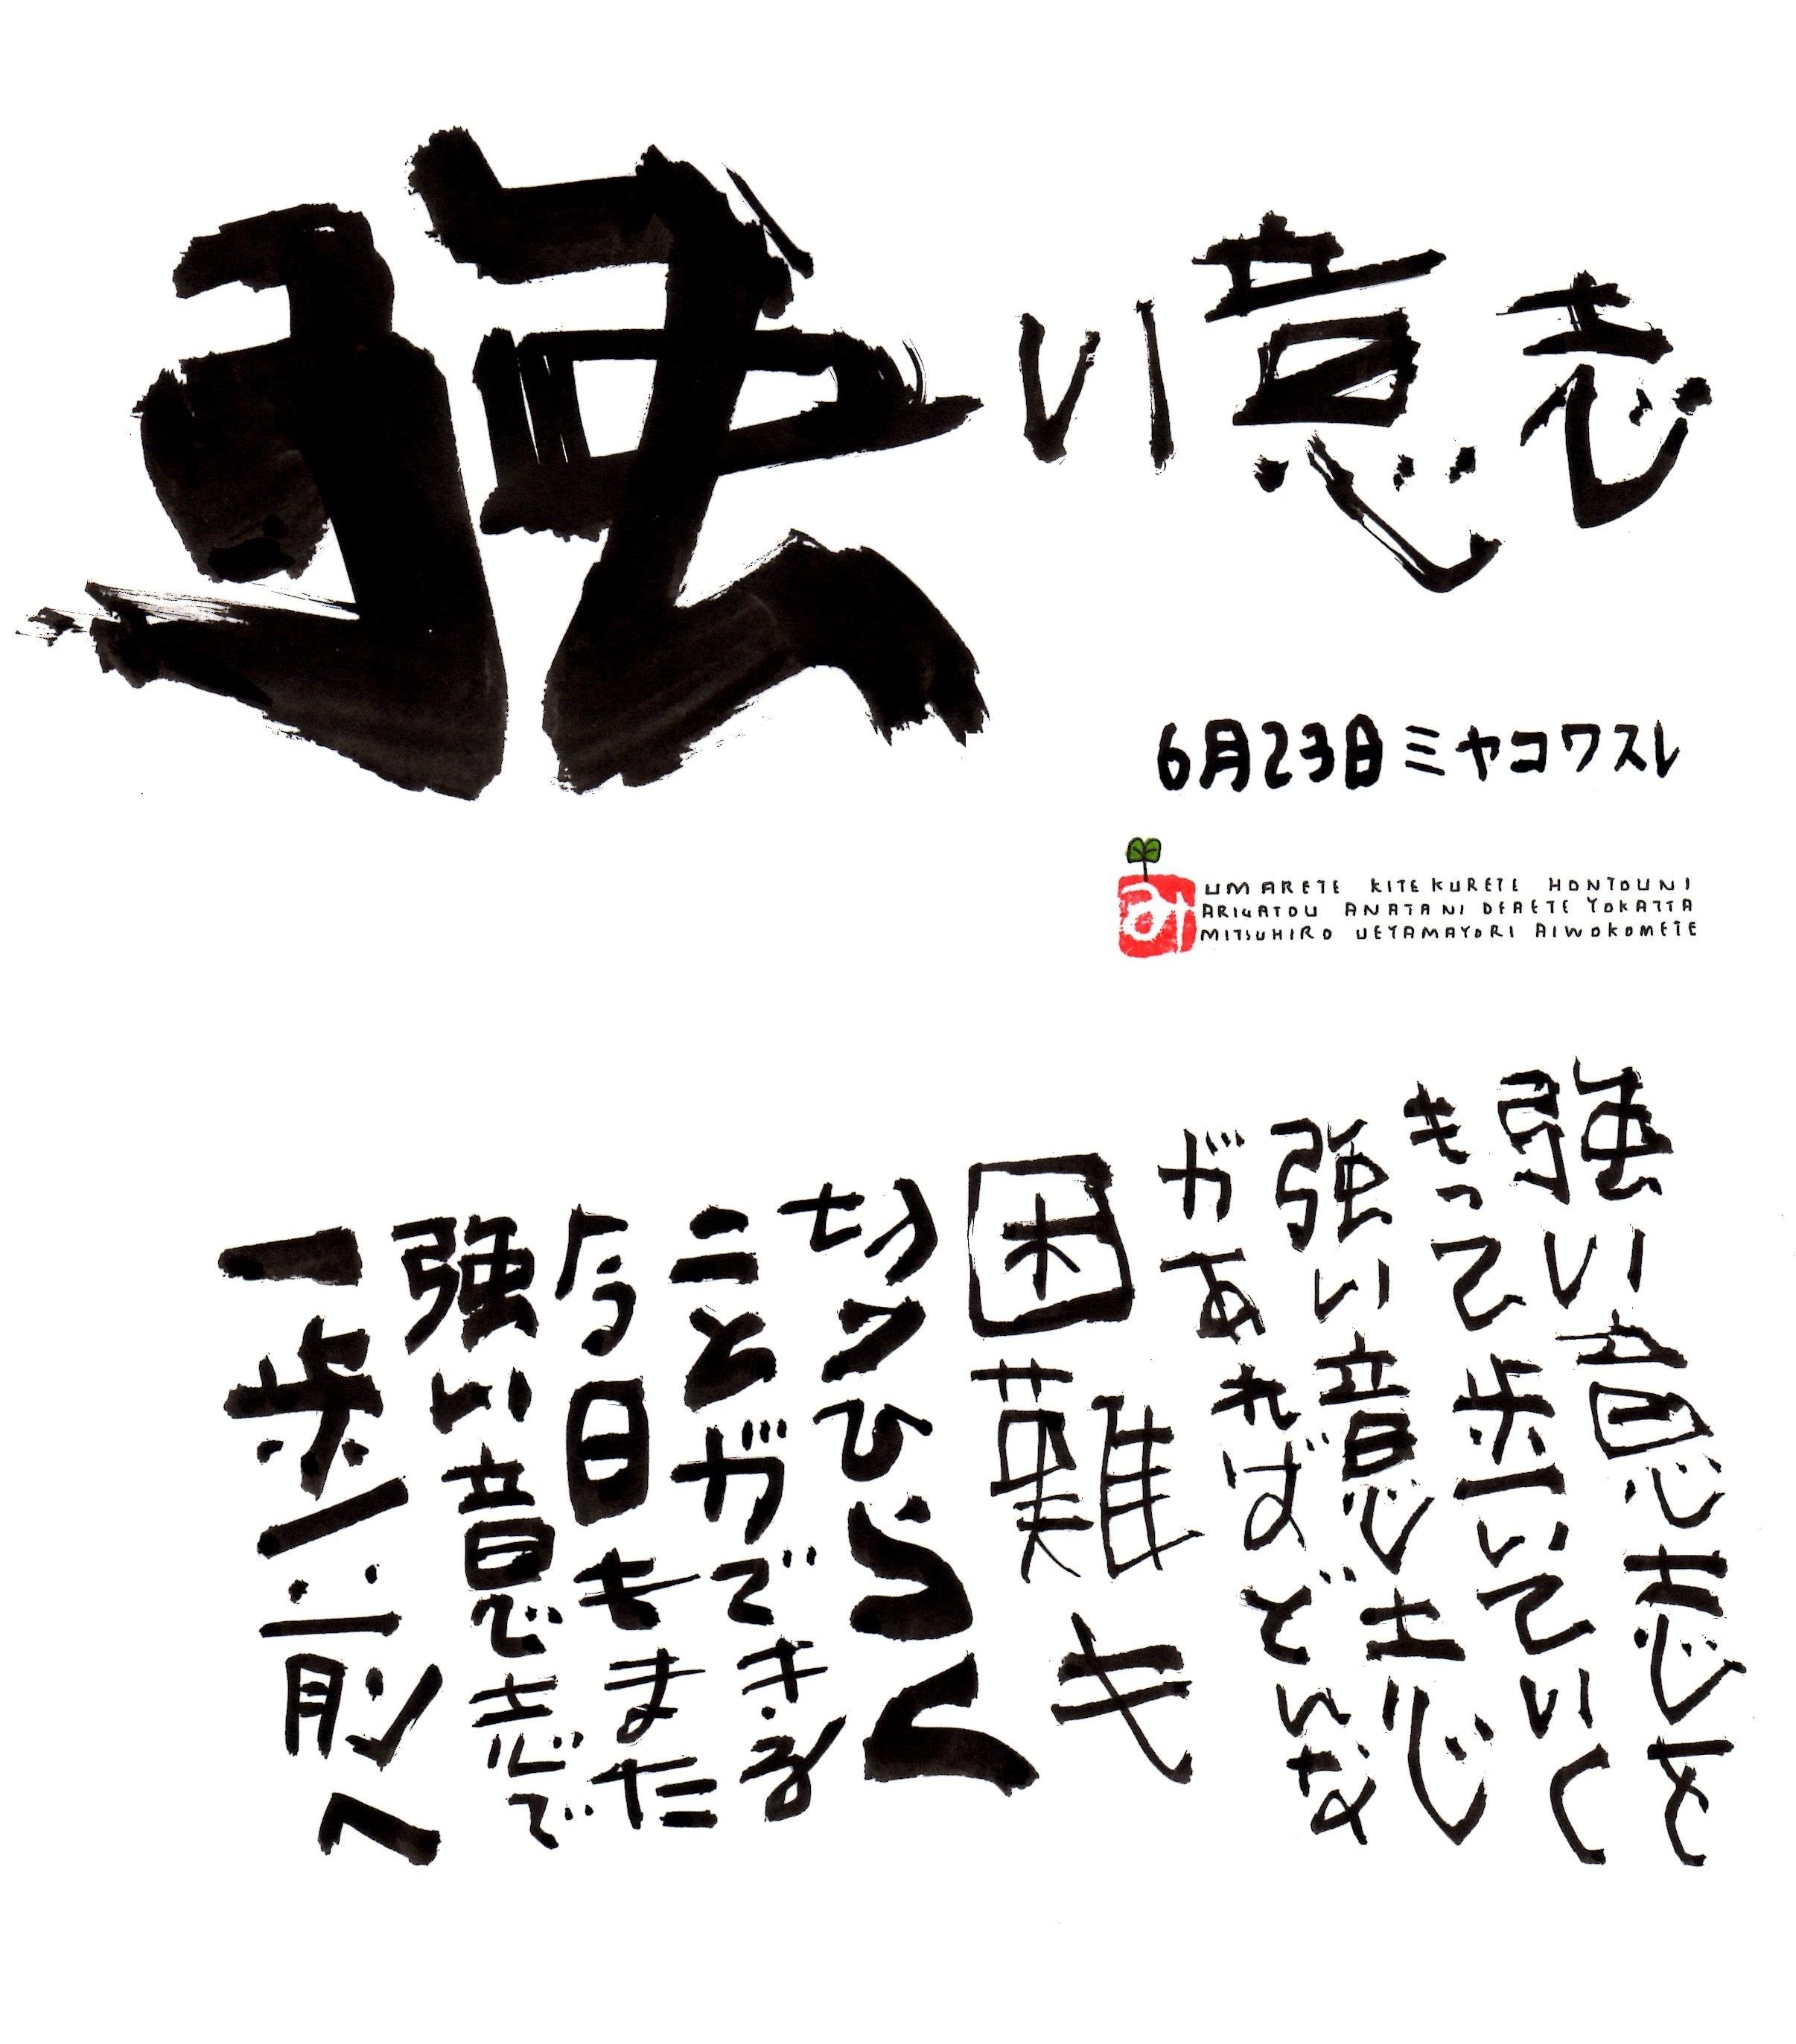 6月23日 誕生日ポストカード【強い意志】Strong will